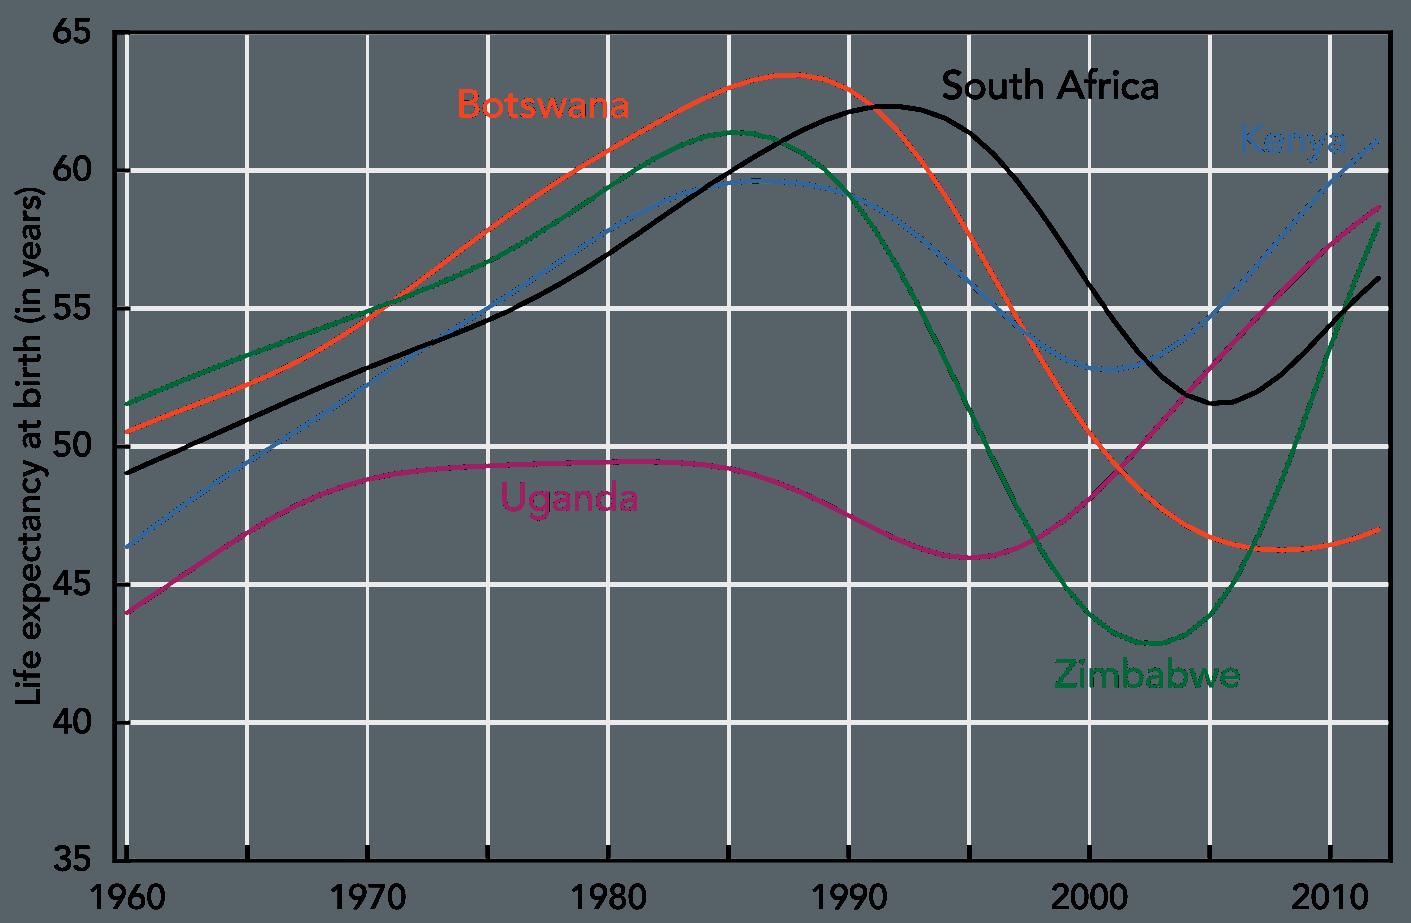 Akibat HIV pada angka harapan hidup beberapa negara di Afrika